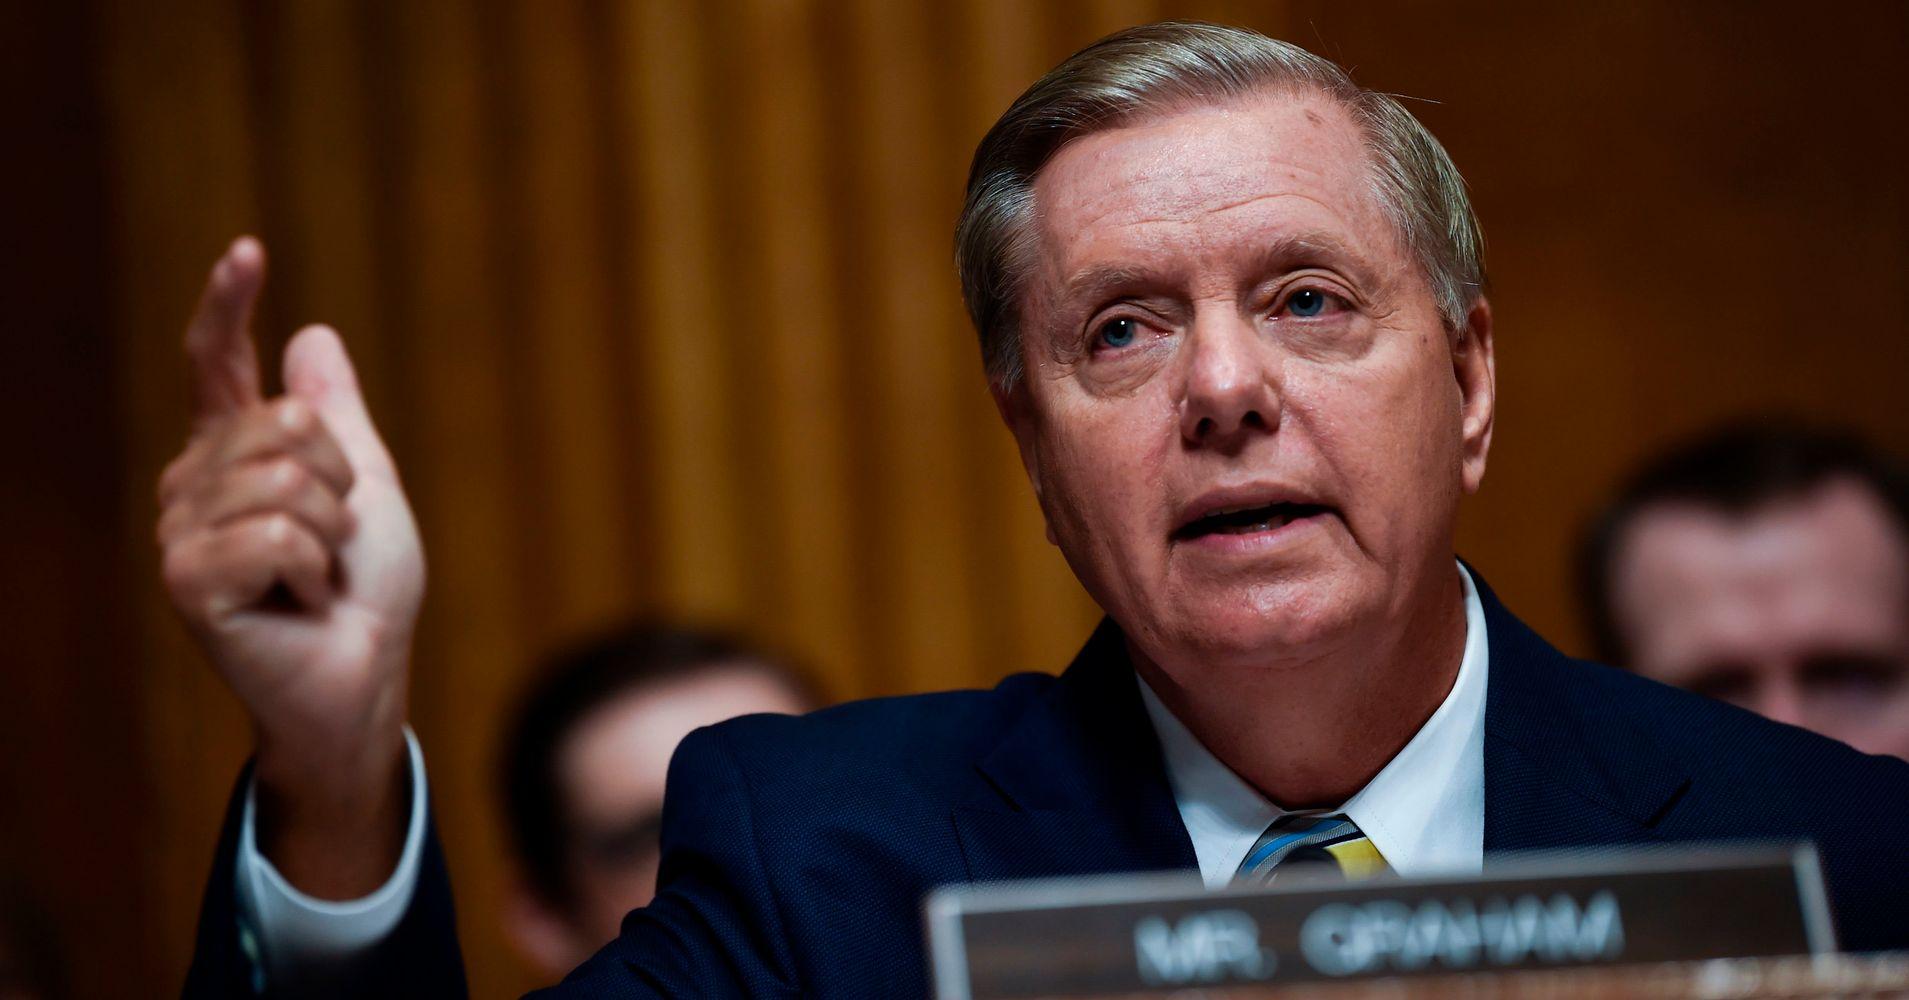 Lindsey Graham Slammed For 'Single White Man,' 'I Will Not Shut Up' Remarks